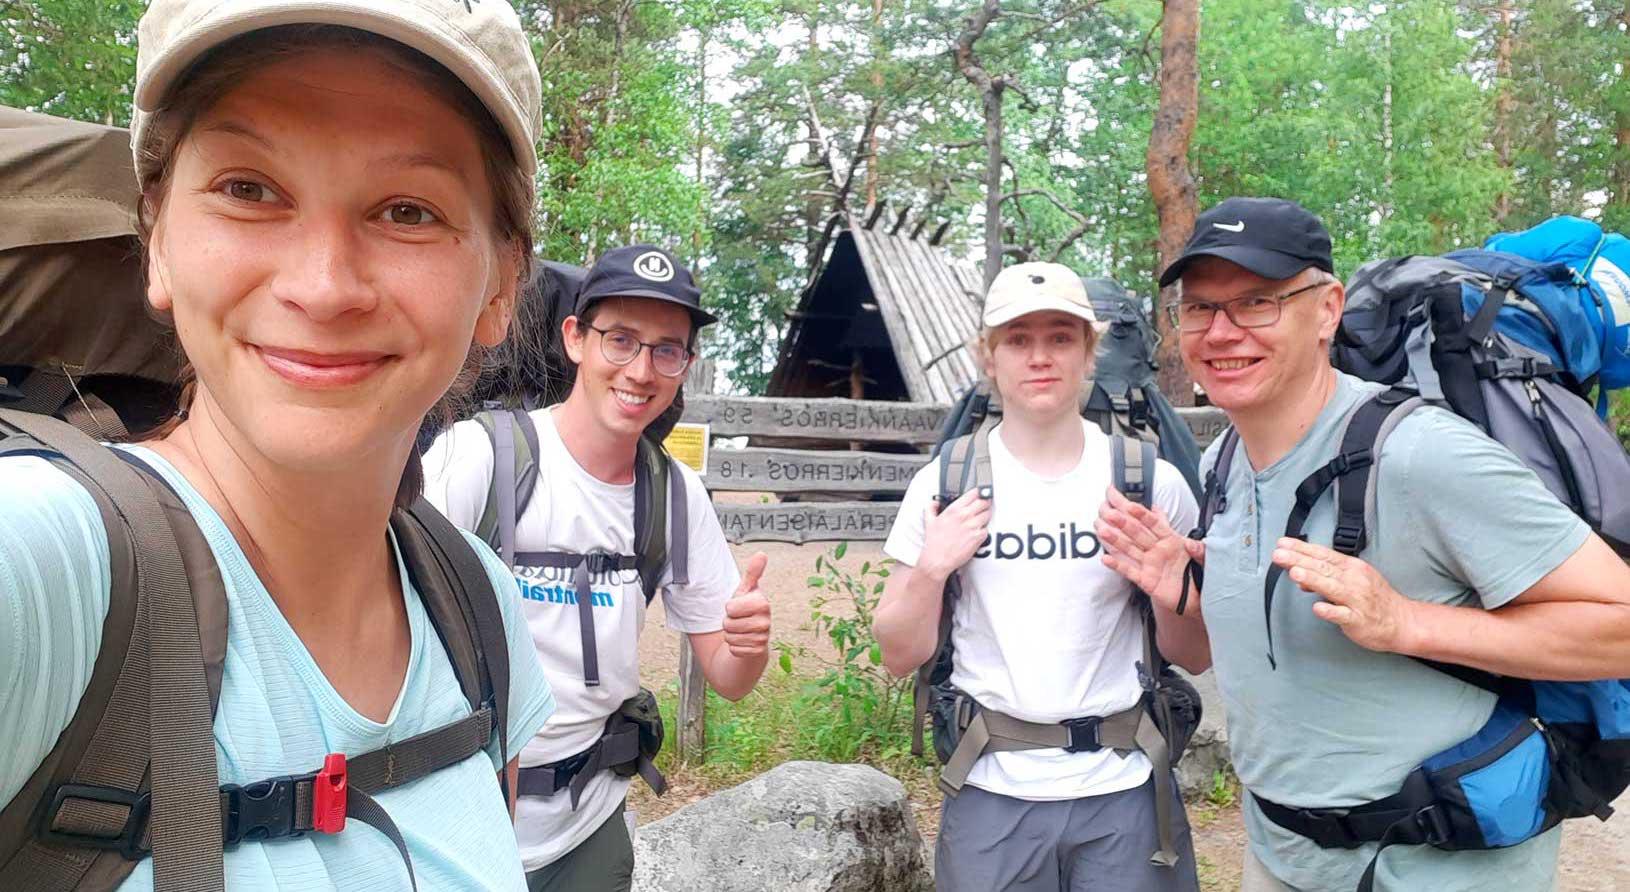 selfie before hiking trip